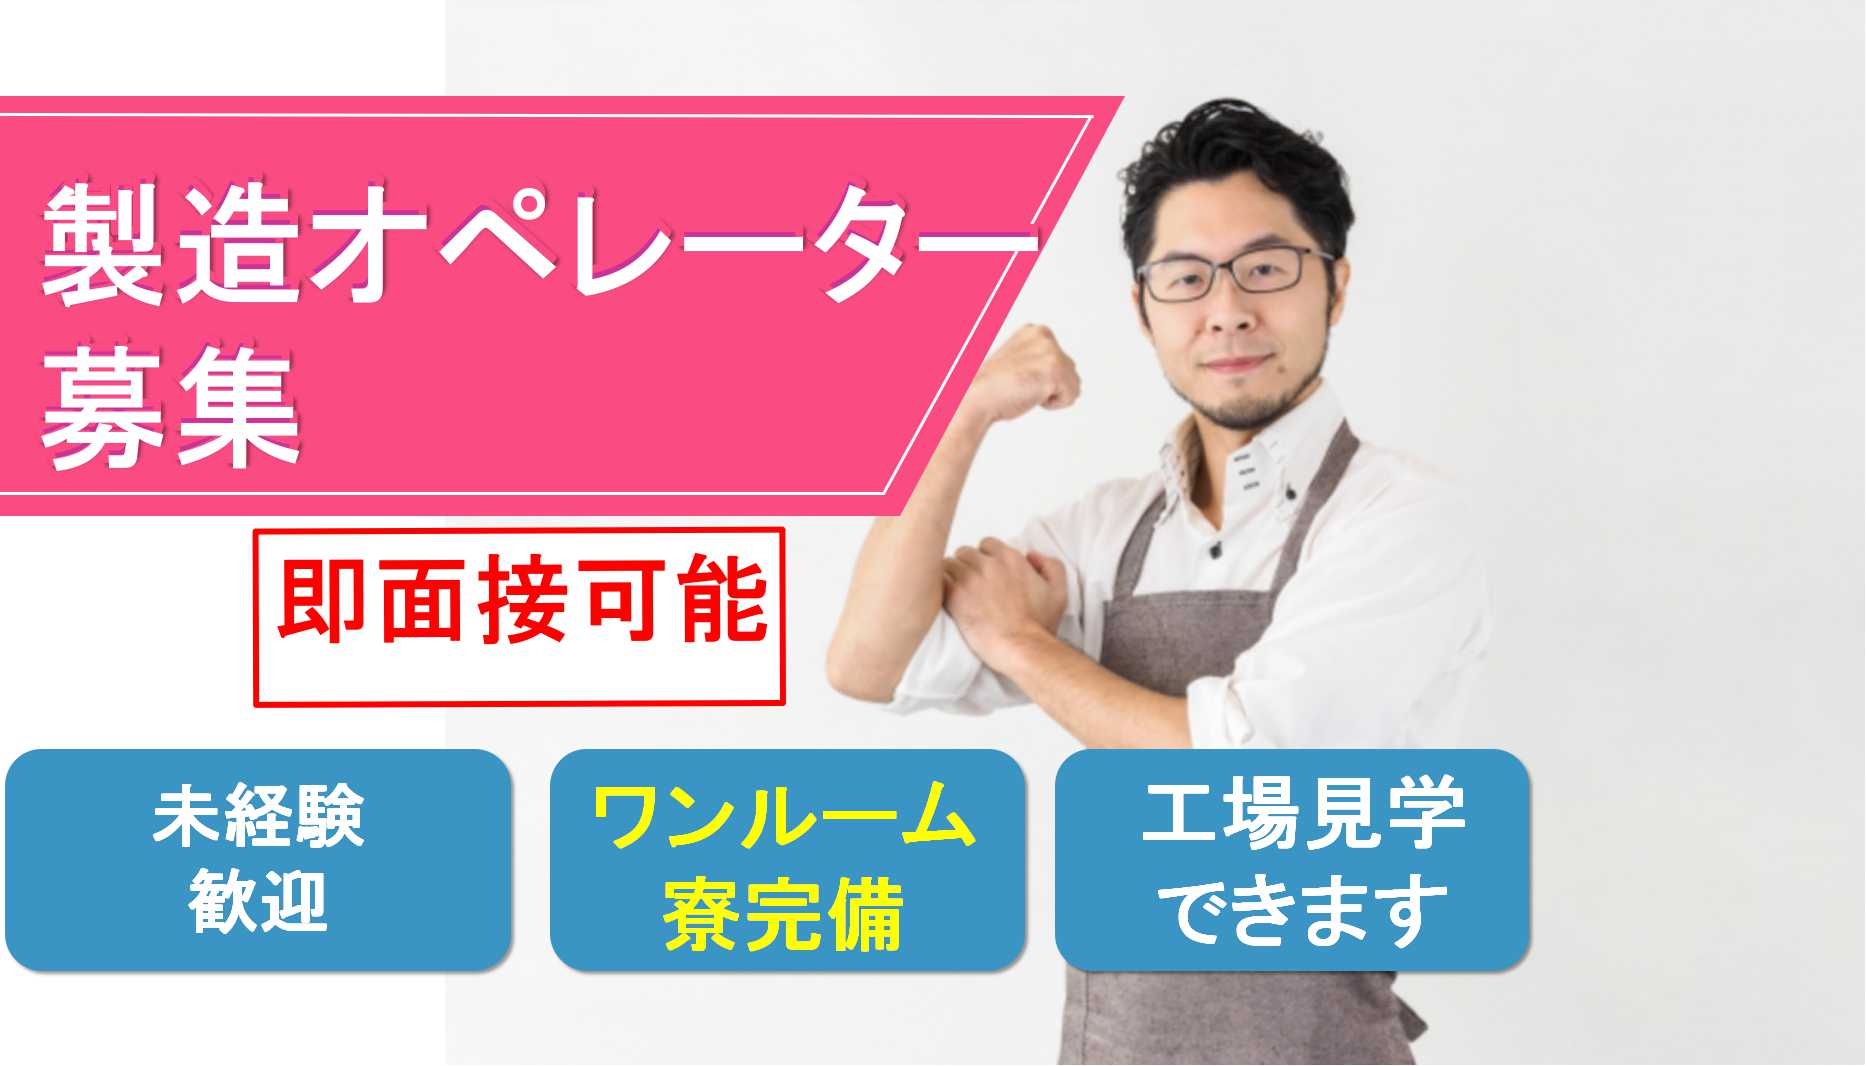 【静岡県富士市】寮完備♪コーヒー好き歓迎!製造オペレーター【即面談可能】 イメージ